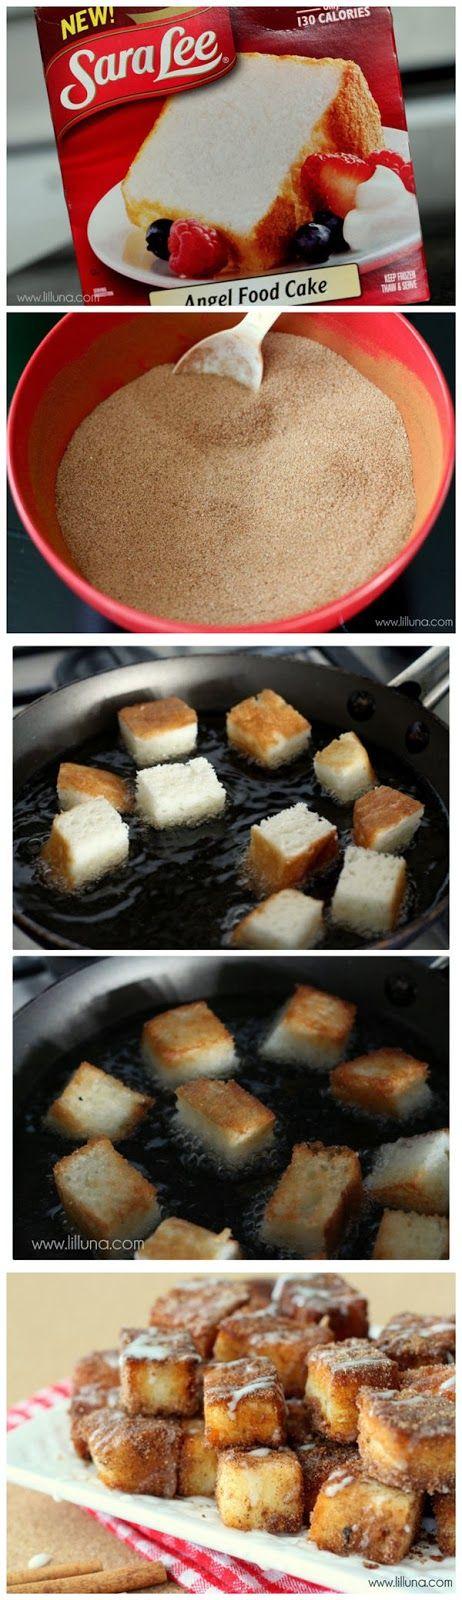 GuideKitchen: Angel Food Cake Churro Bites